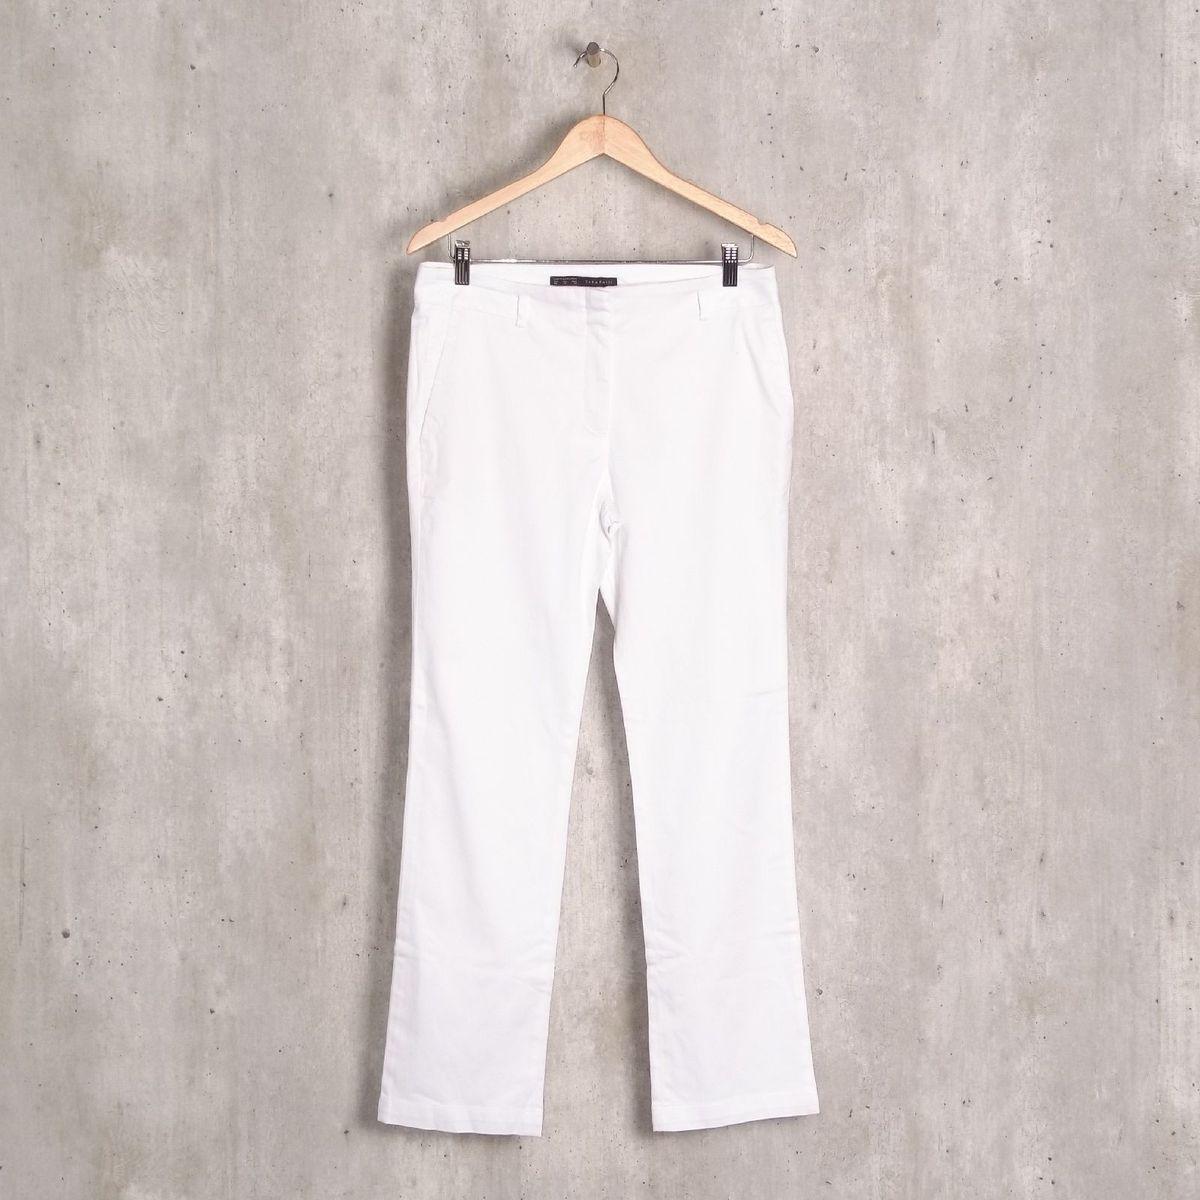 calça branca bolso faca zara - calças zara